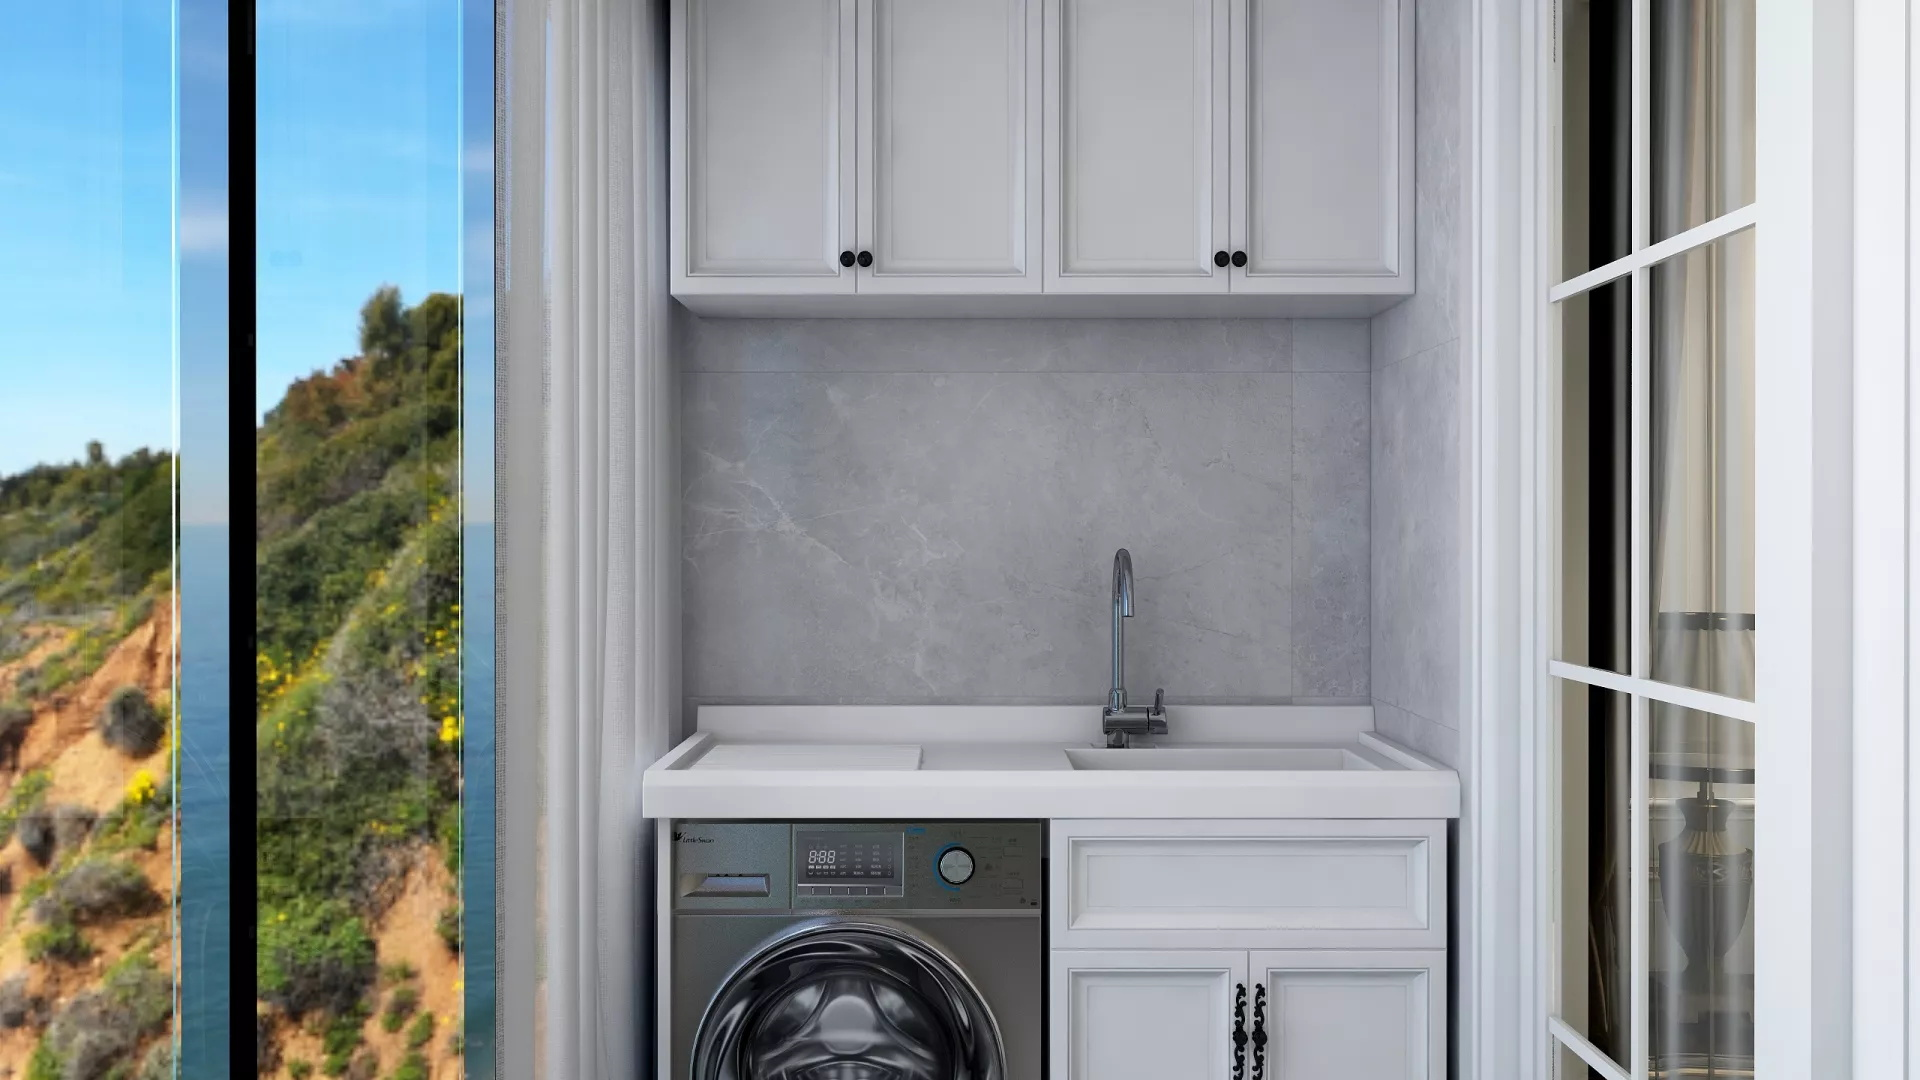 卫浴间需要清洗哪些地方 卫浴间清洗的技巧